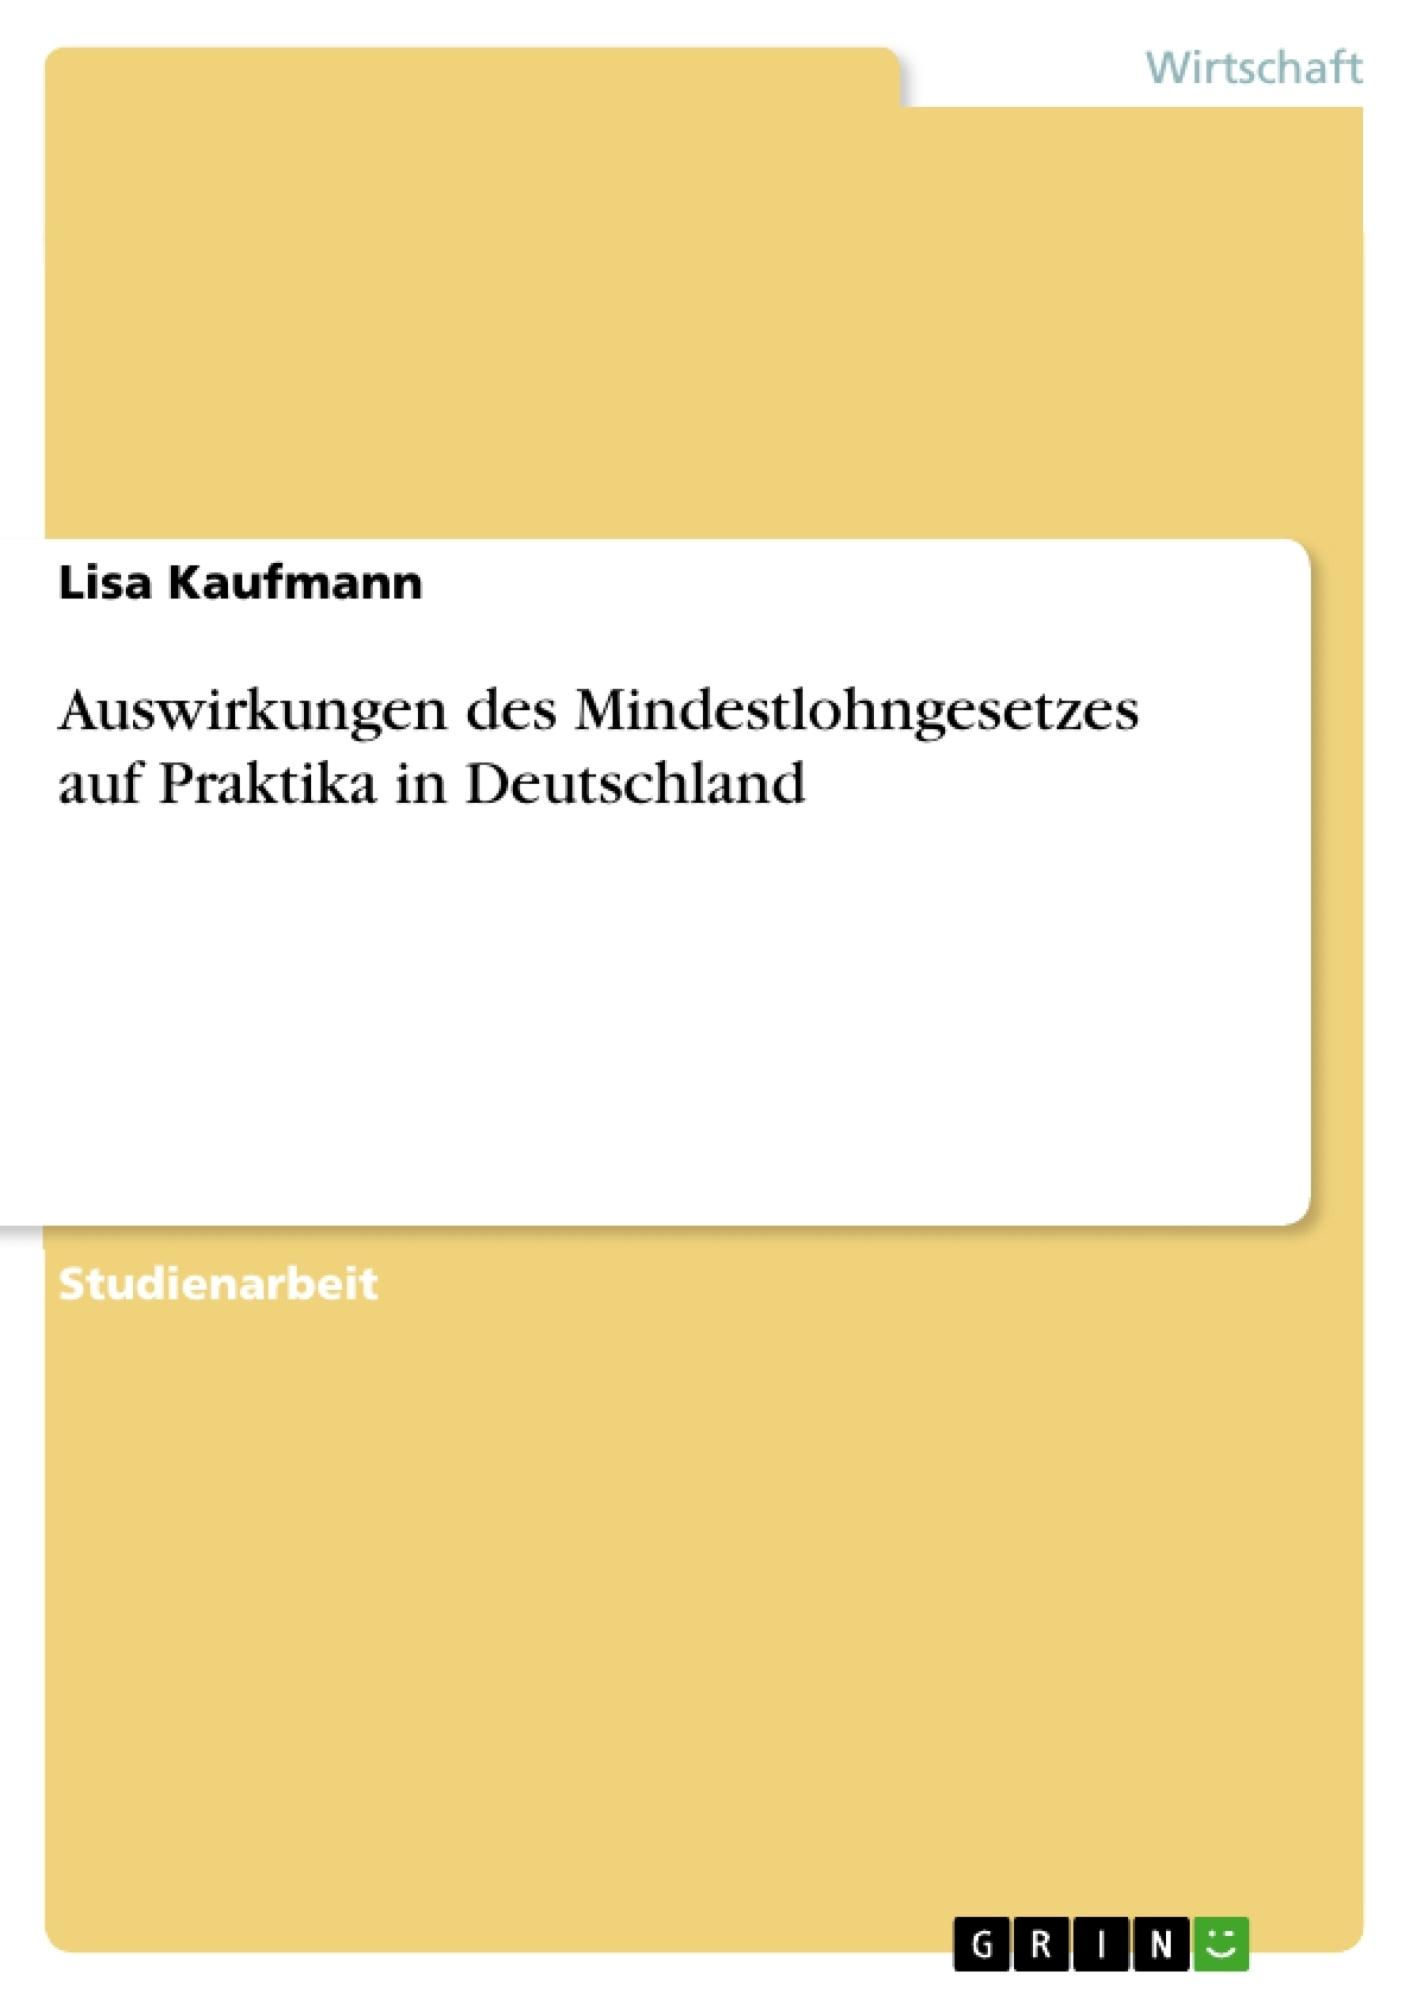 Titel: Auswirkungen des Mindestlohngesetzes auf Praktika in Deutschland